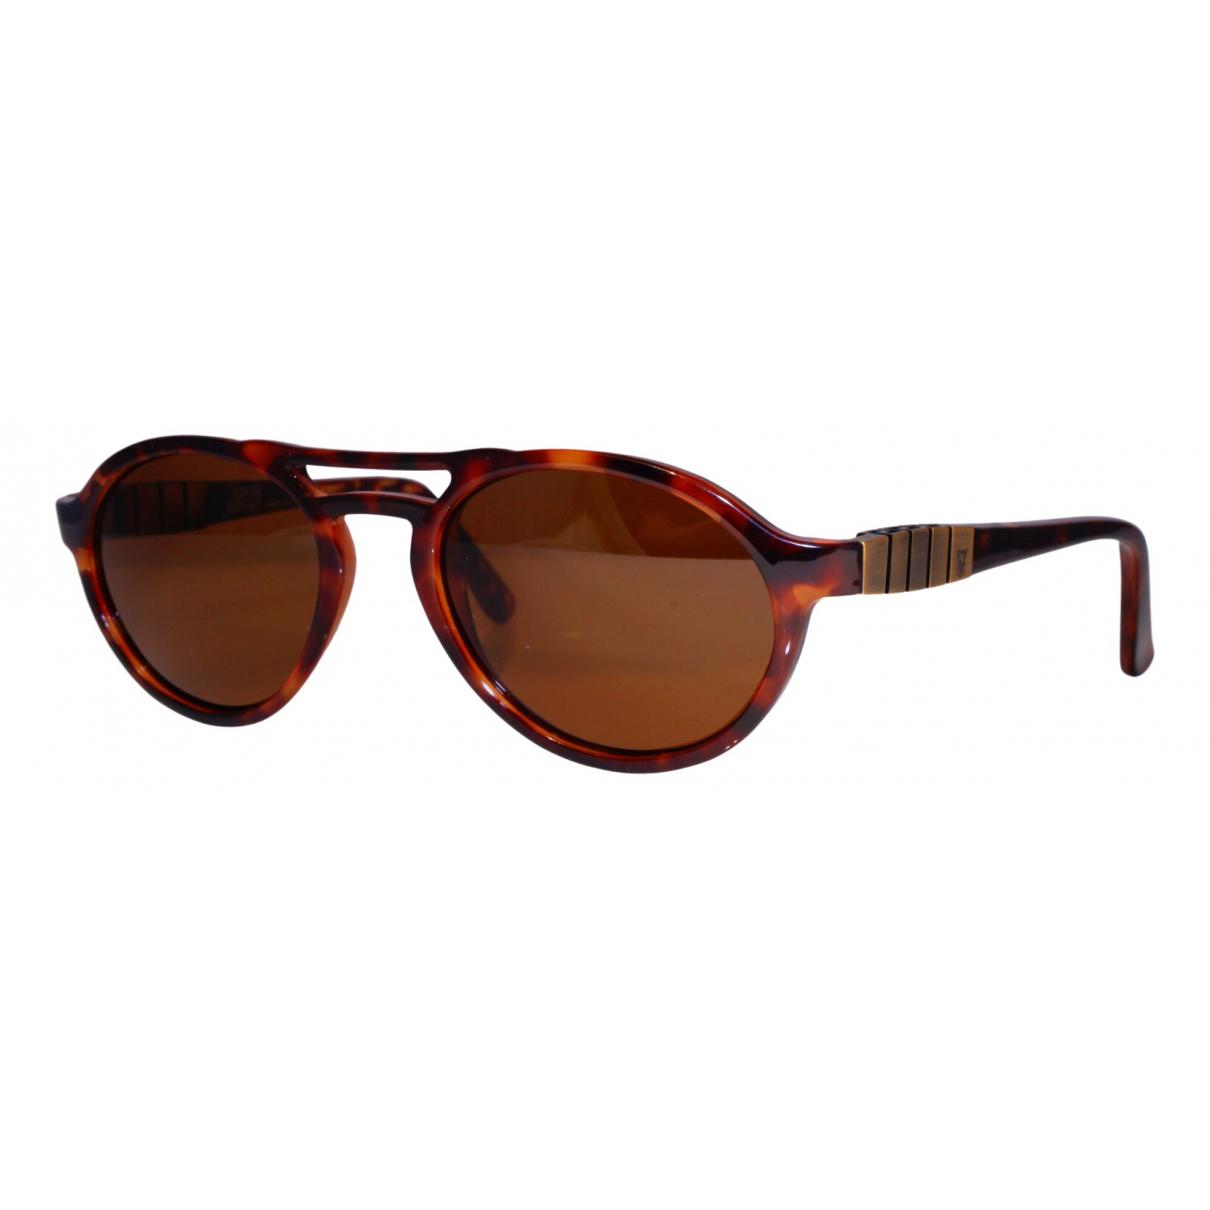 Gianni Versace - Lunettes   pour homme - marron